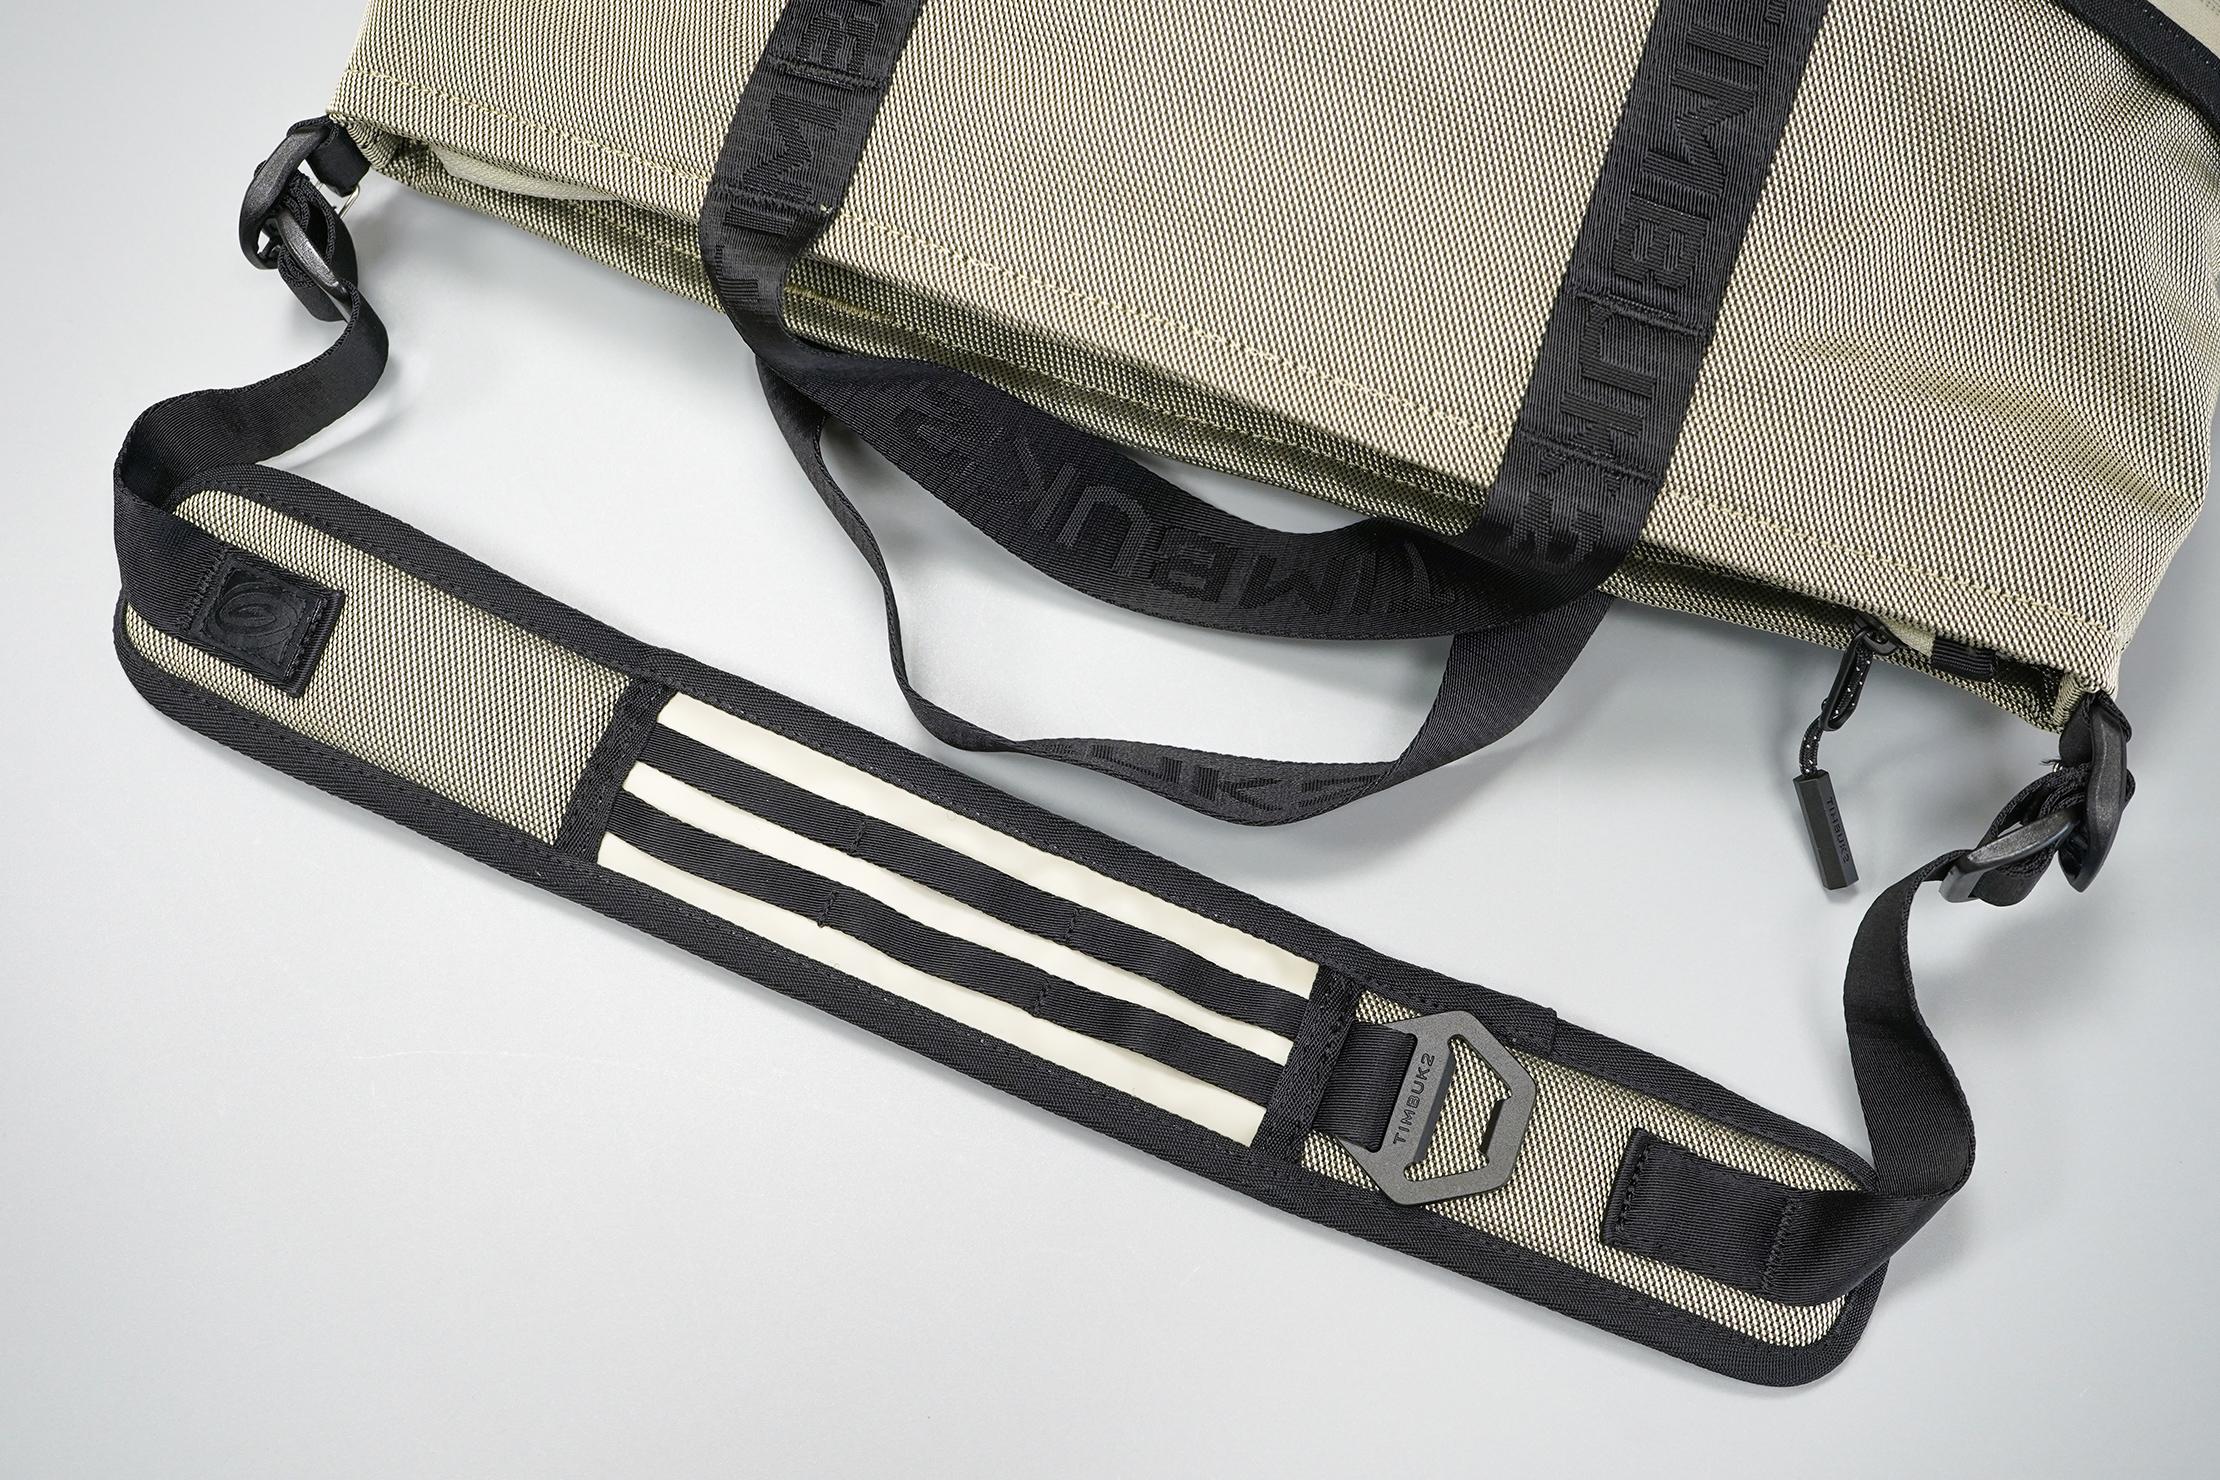 Timbuk2 Tech Tote   Shoulder strap & tote handles